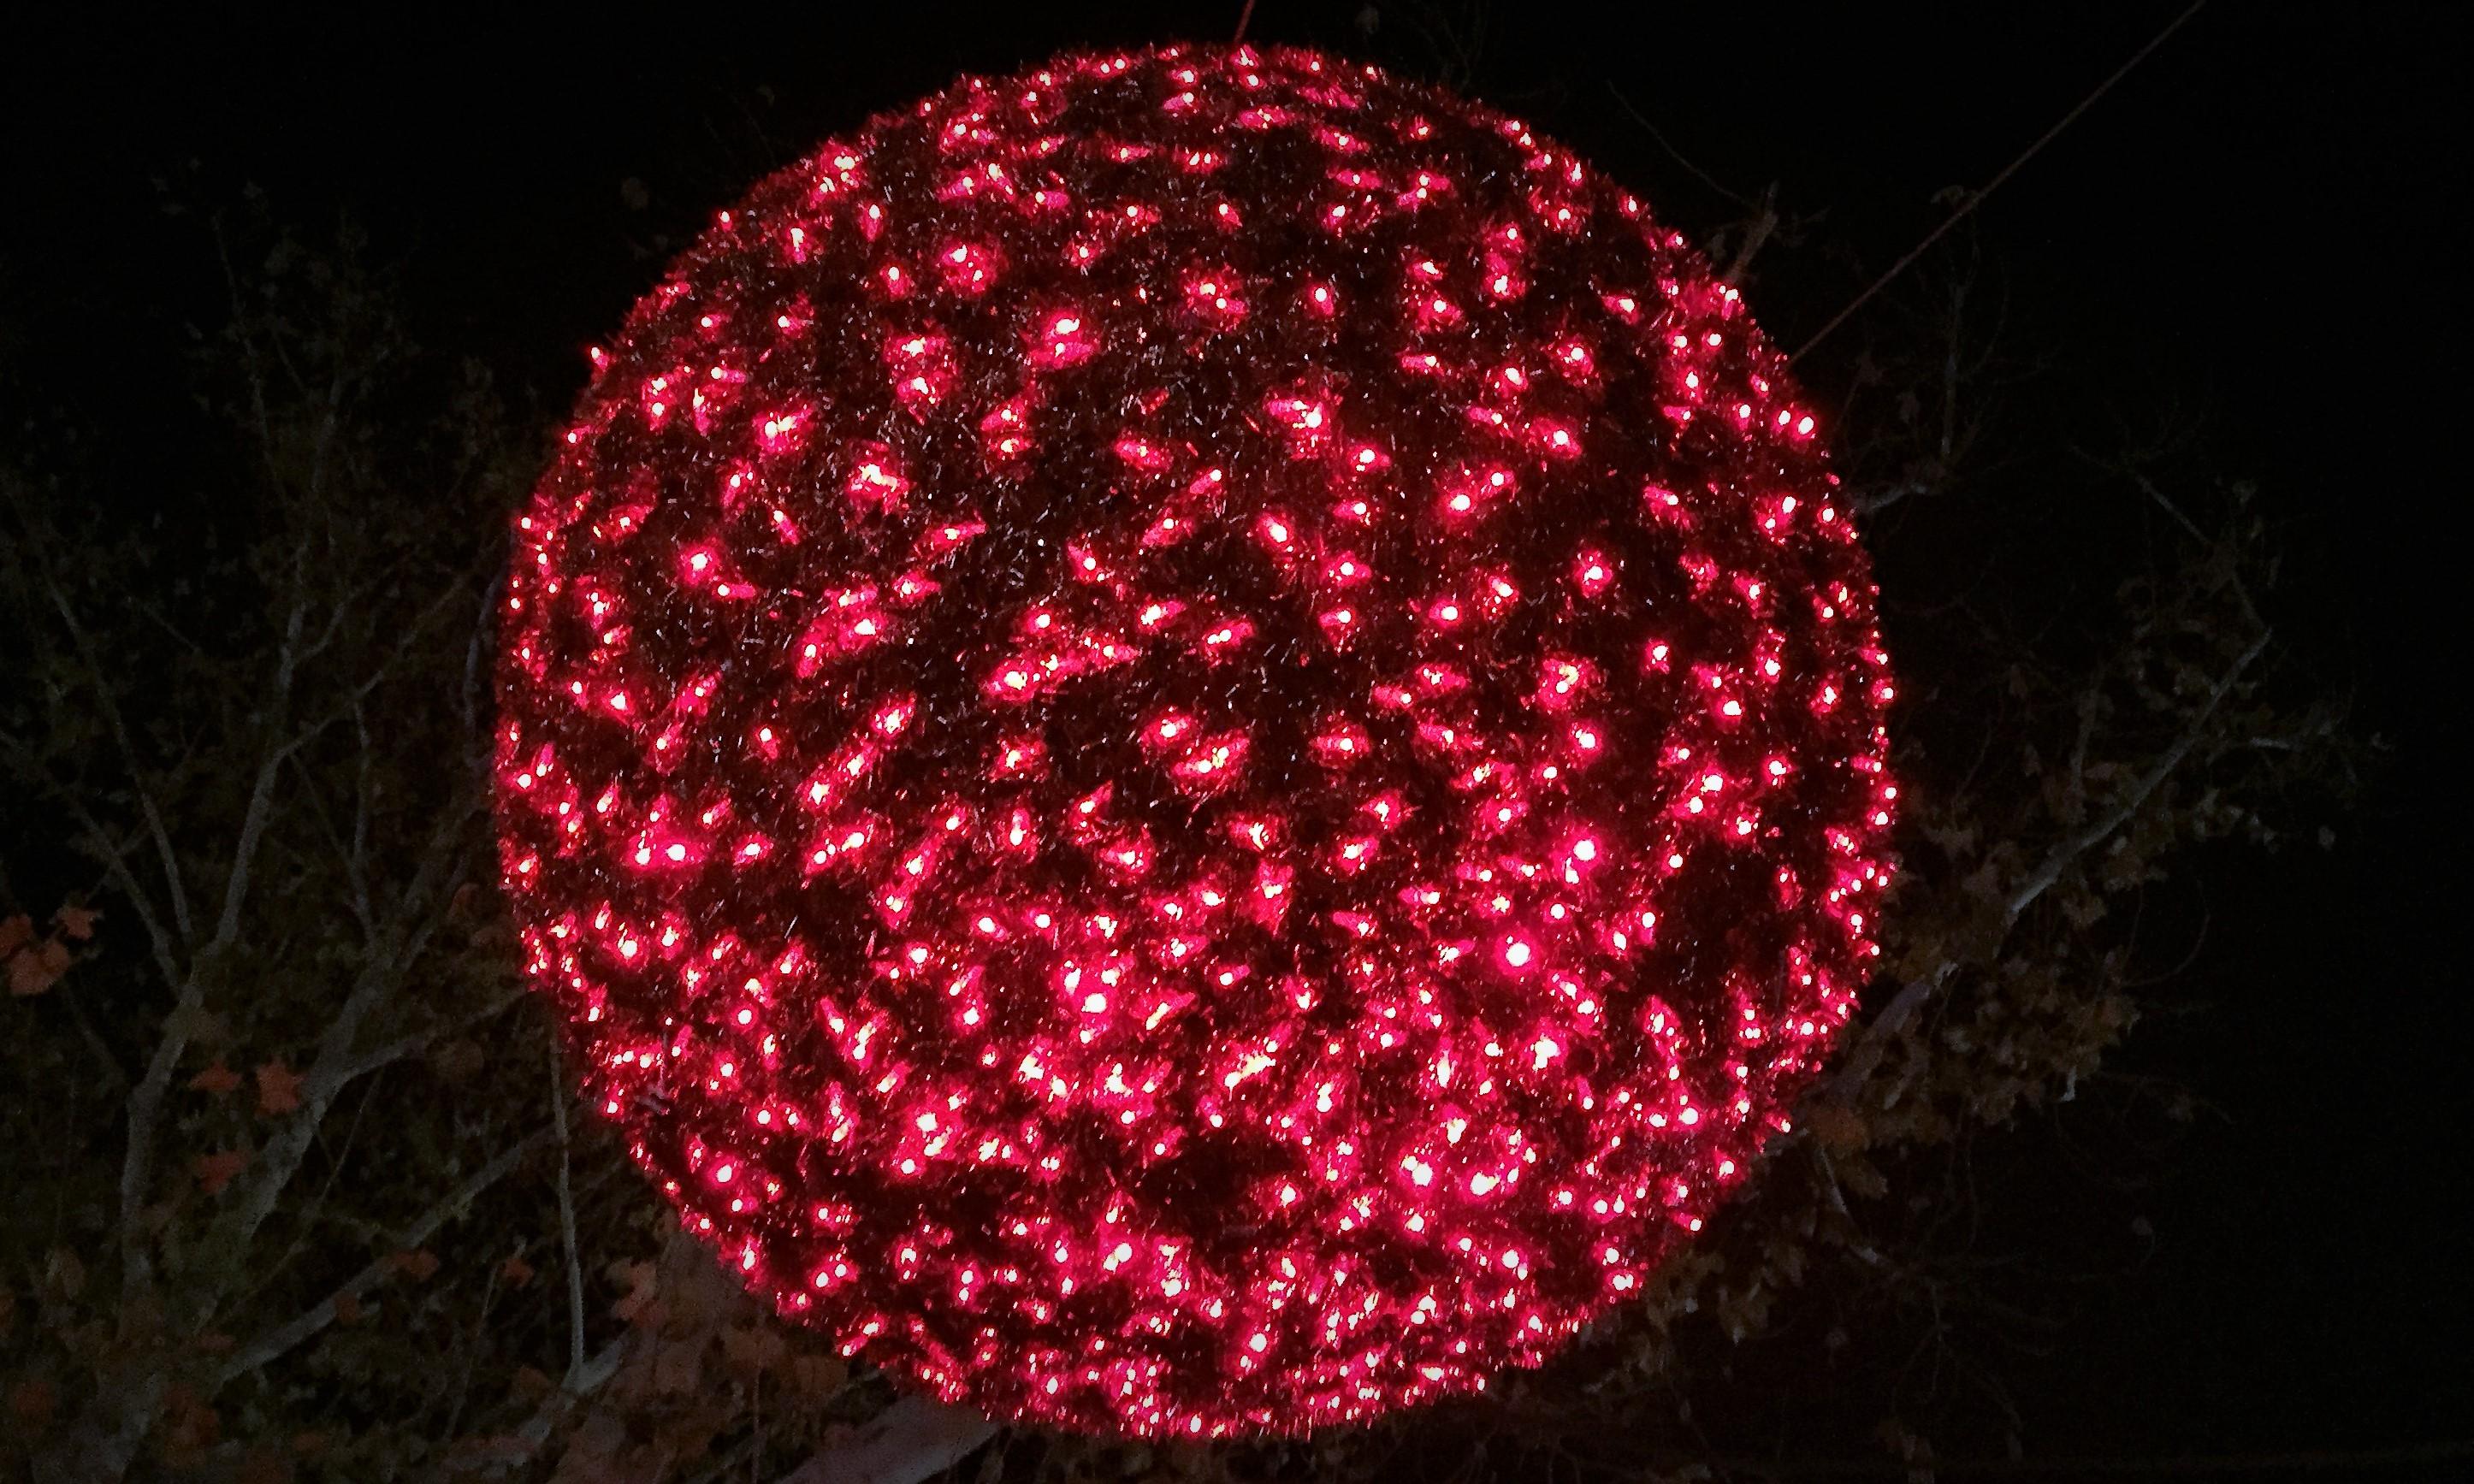 Kein fremder Planet, sondern meine riesige Lieblings-Weihnachtskugel.